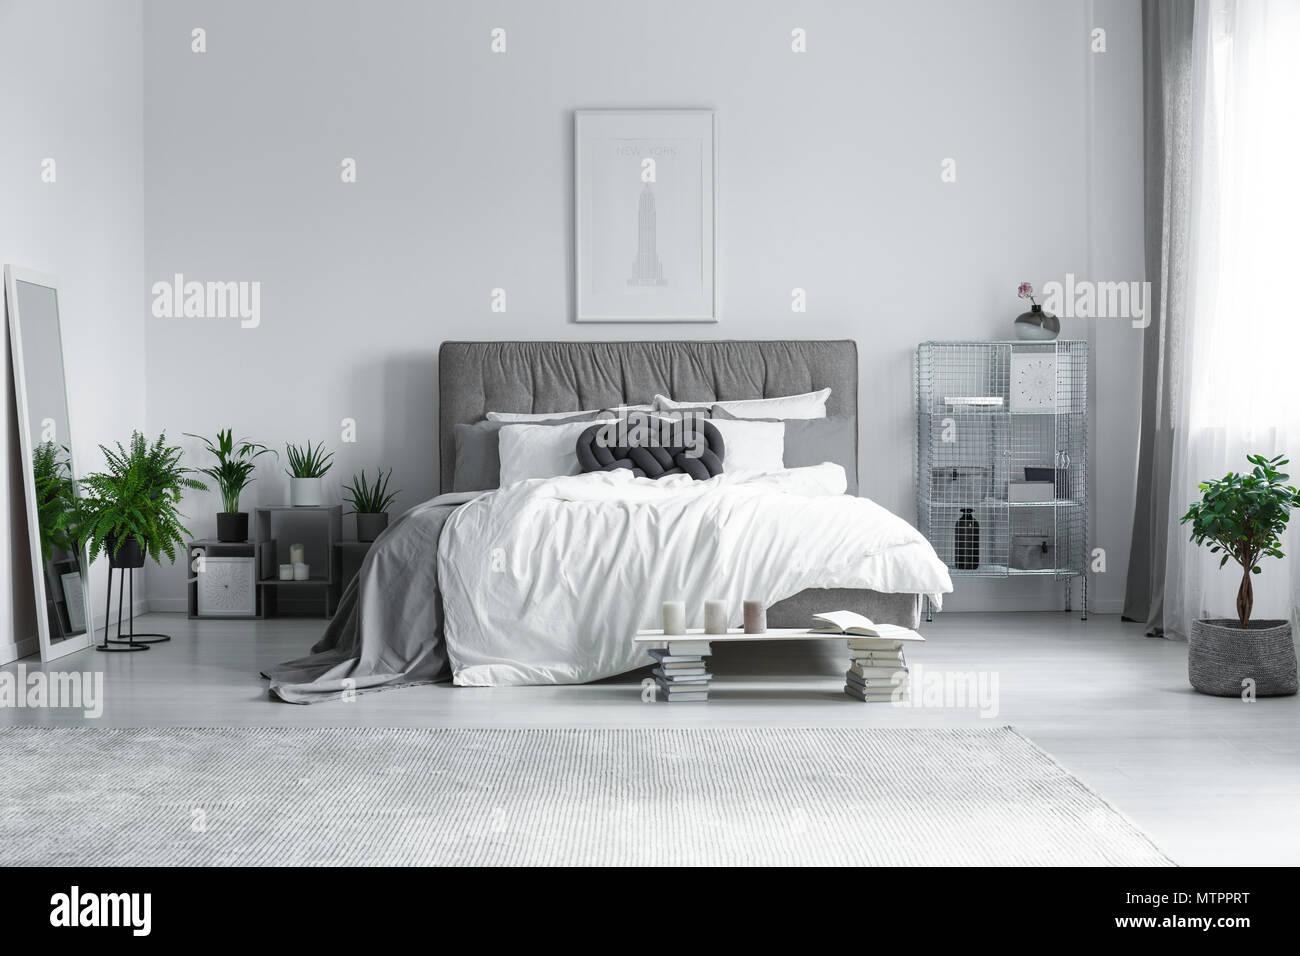 Wunderbar Schlafzimmer Teppich Sammlung Von Großen Grauen Auf Dem Boden In Der